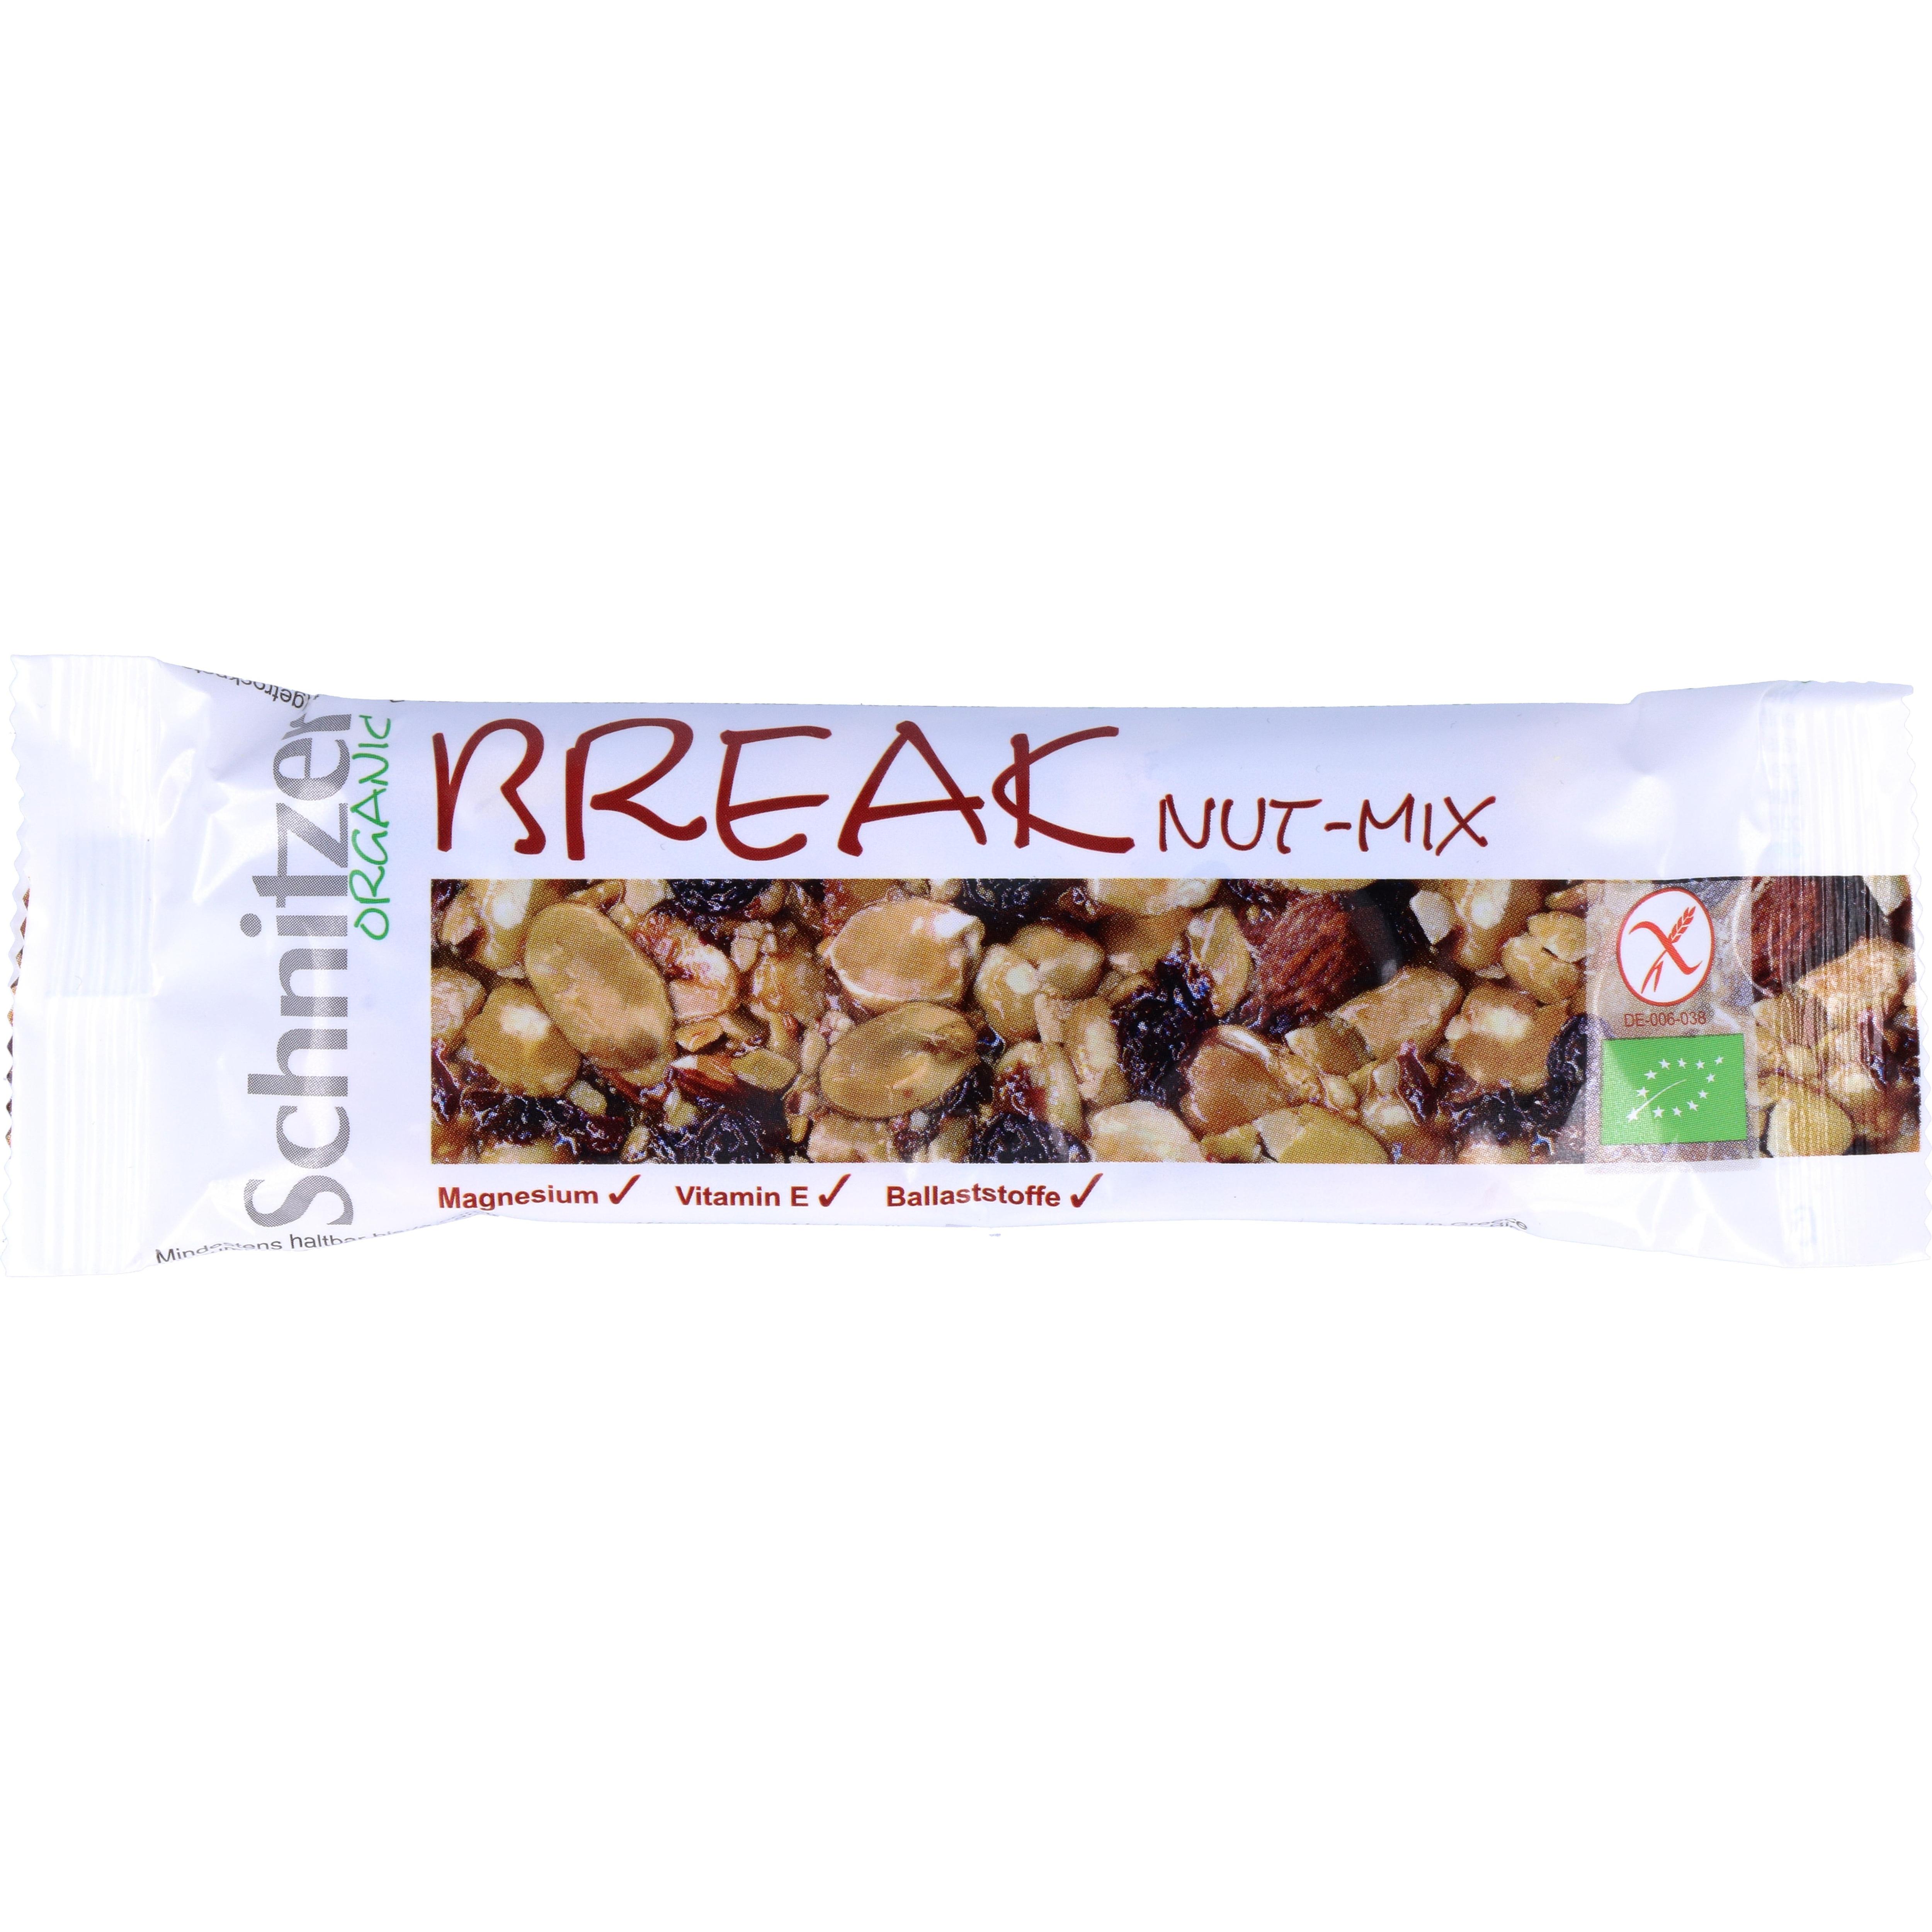 Schnitzer Bio Nut - Mix Nussmixriegel Break 40g